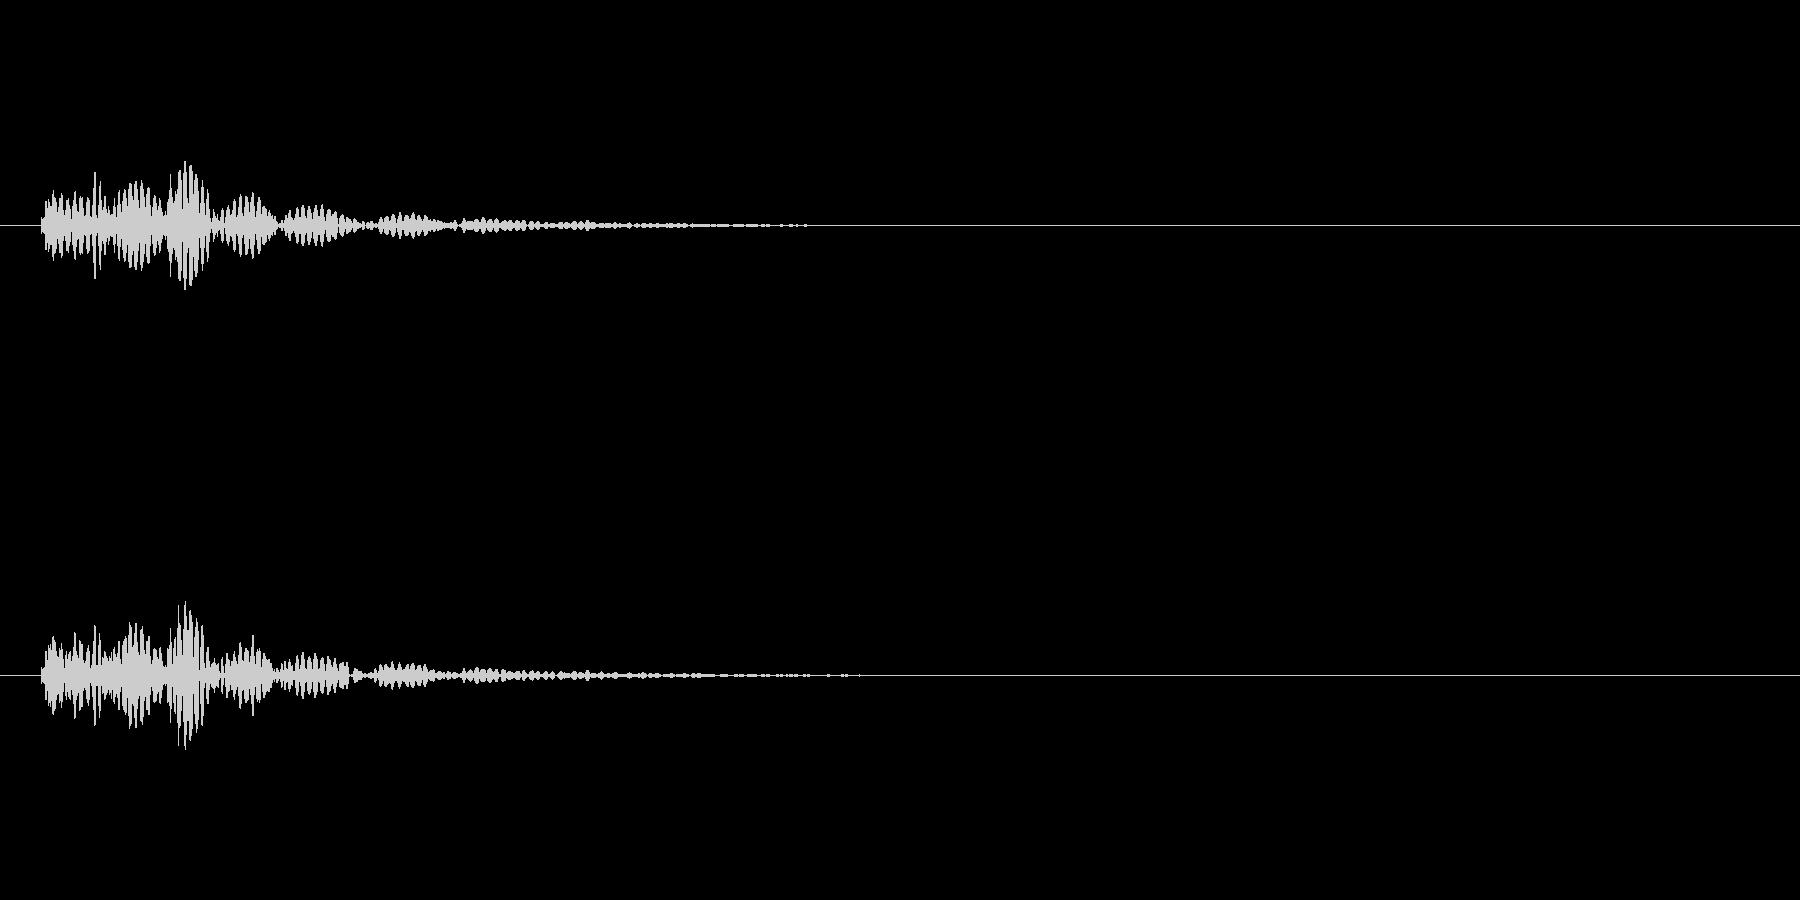 キャンセル 和風05の未再生の波形